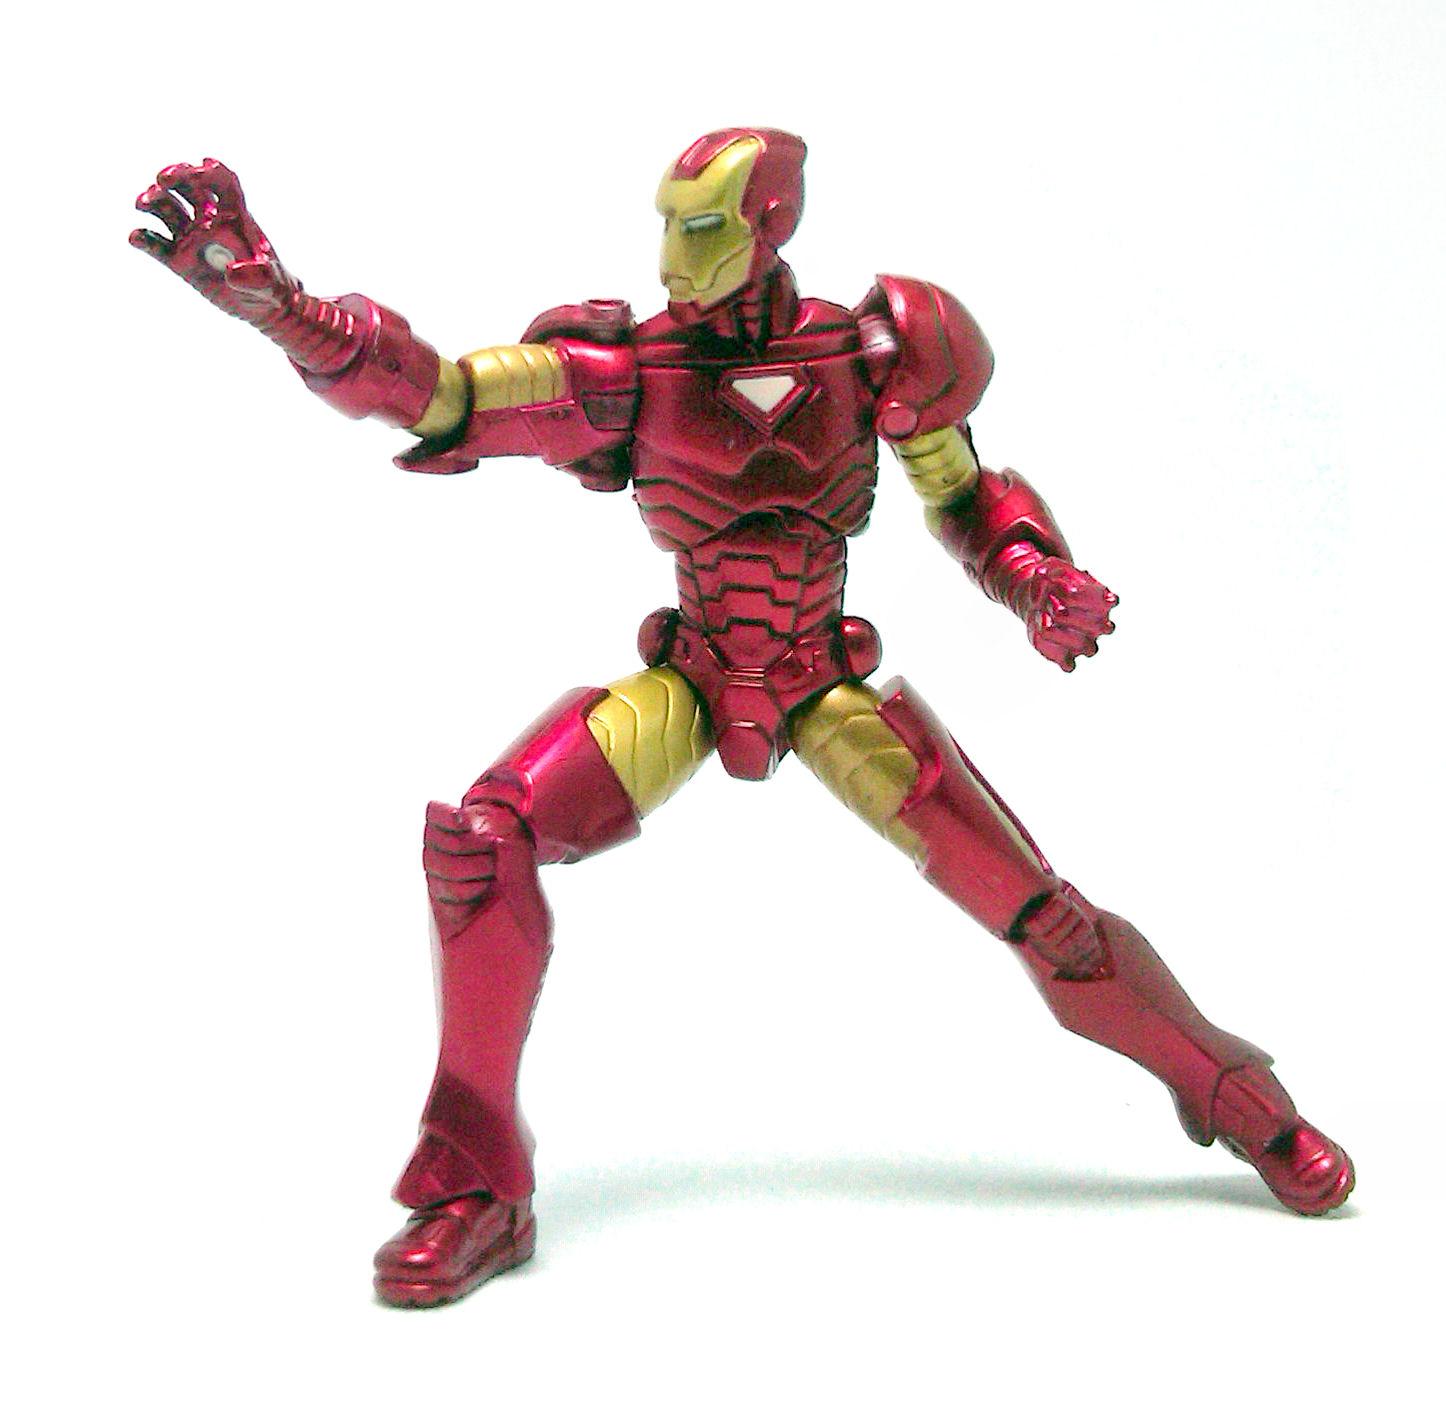 MU Iron Man